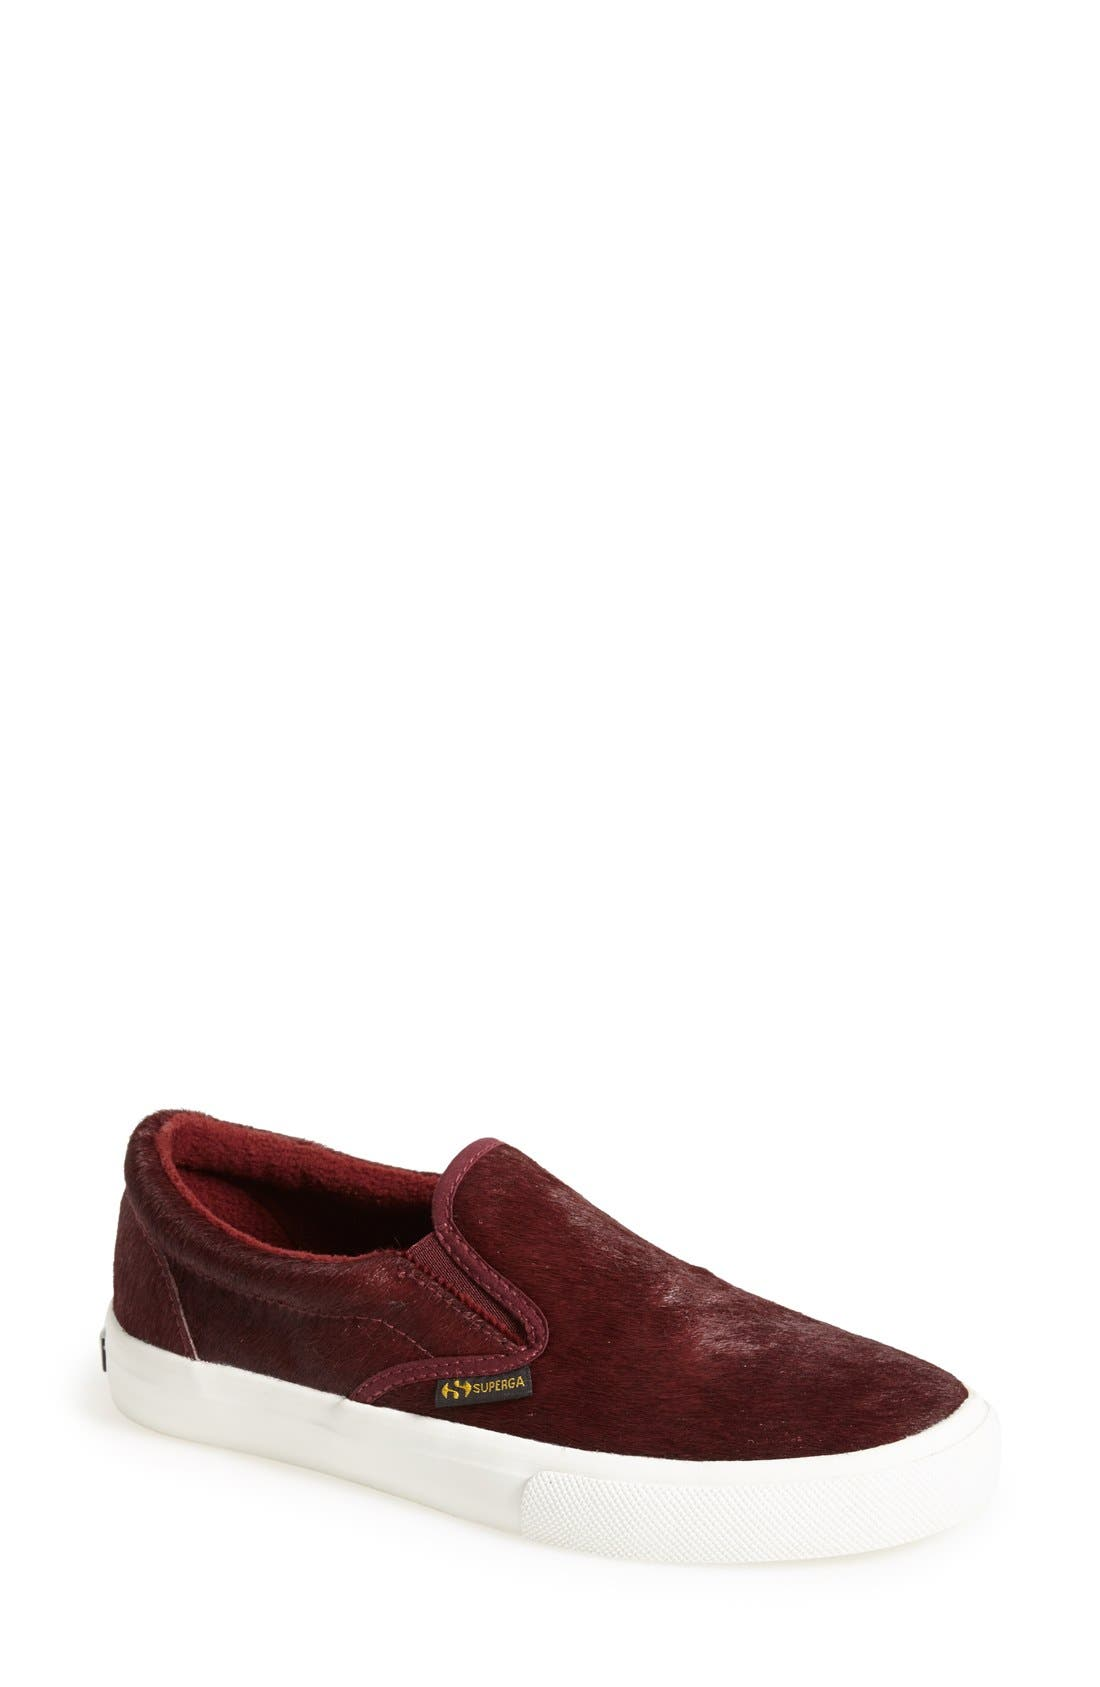 Alternate Image 1 Selected - Superga Calf Hair Slip-On Sneaker (Women)